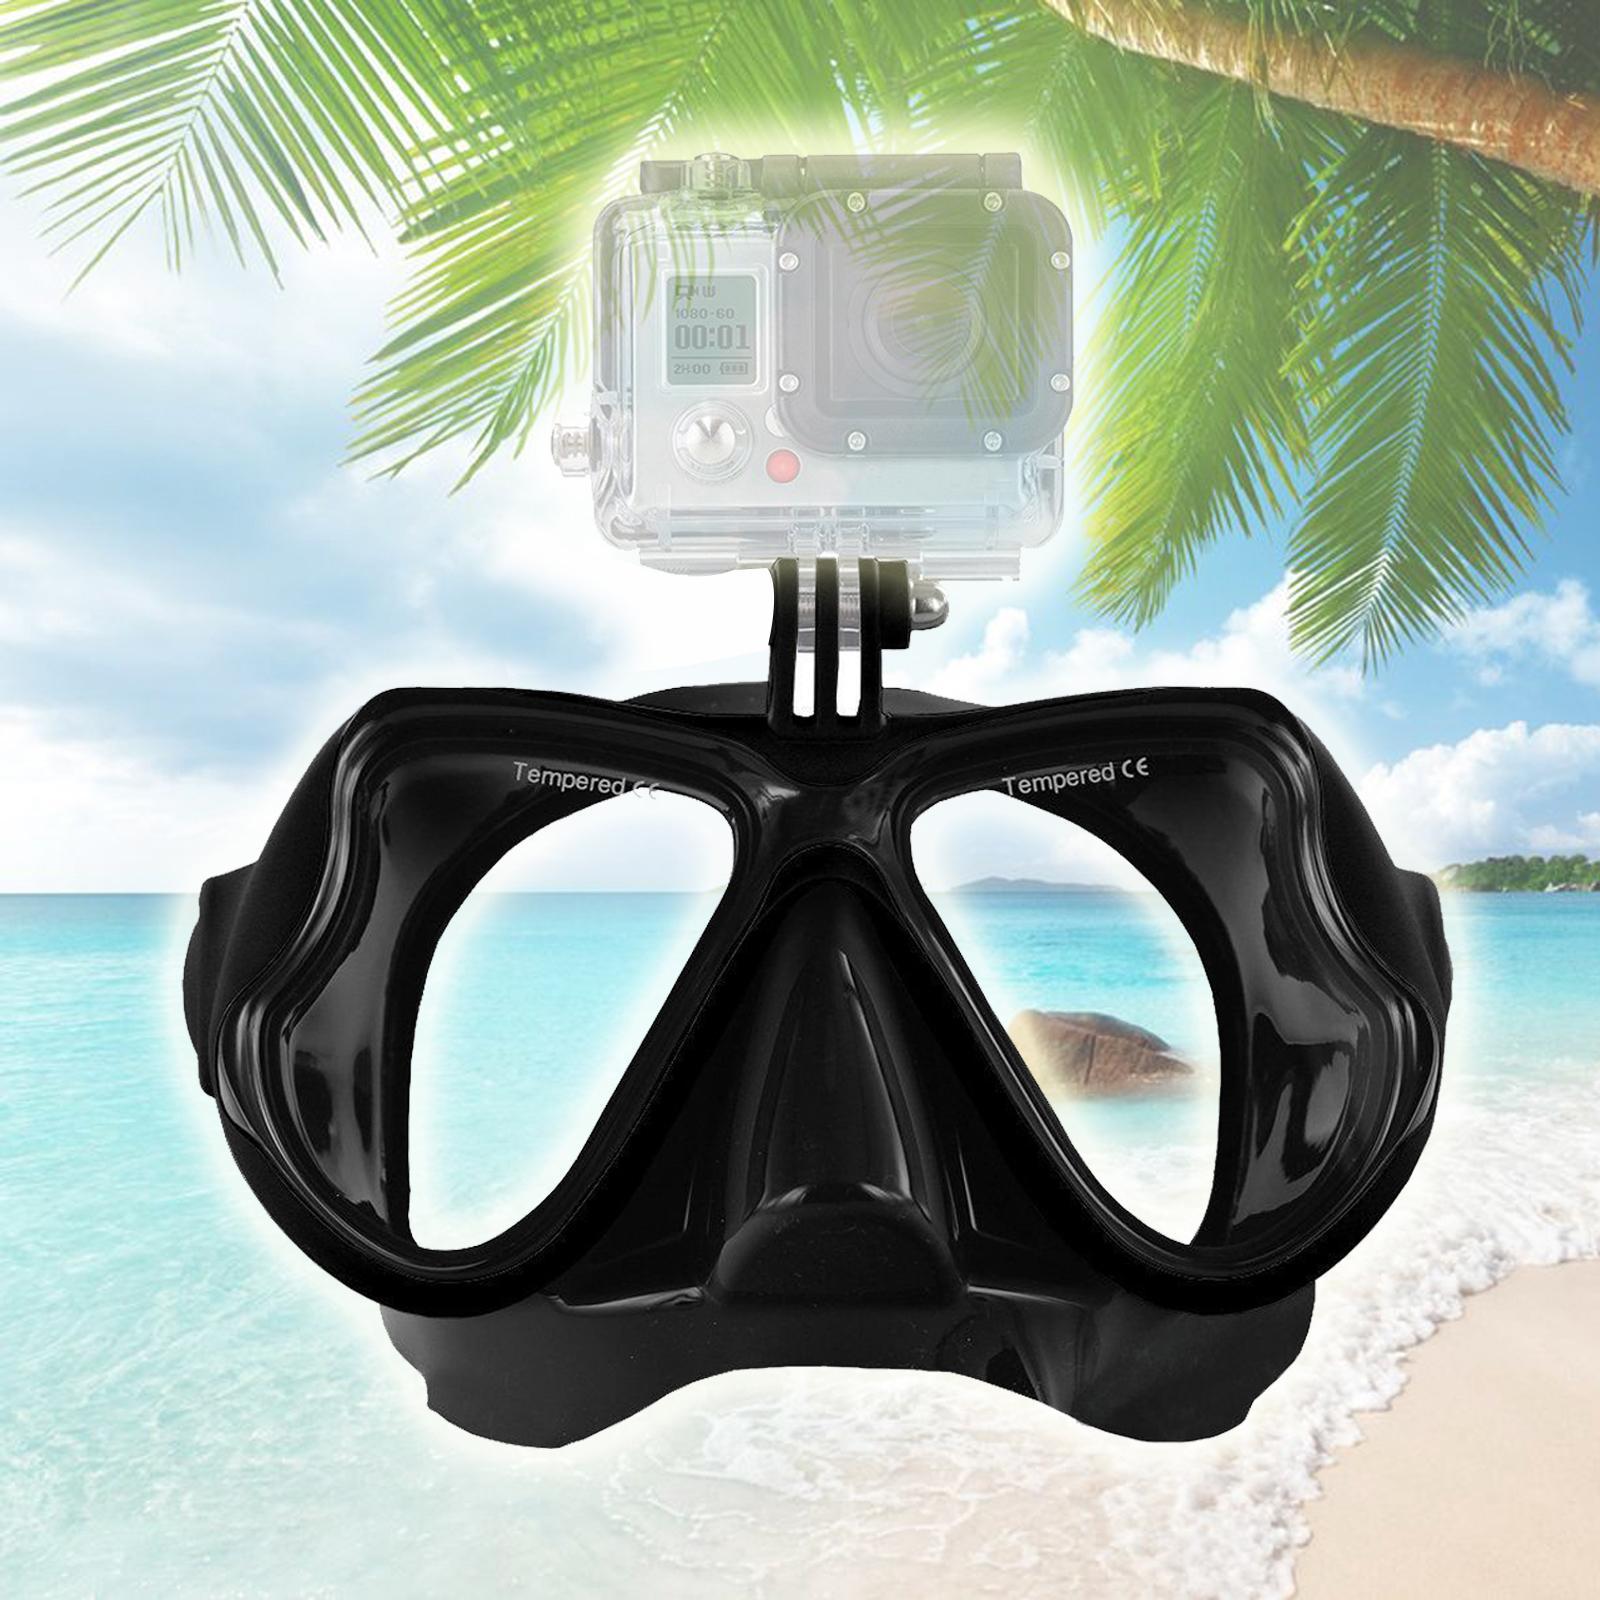 Areyourshop Fitness Nero Diving Mask scuba snorkel Occhiali Viso Occhiali da vista Monte forma per GoPro Eroe Sporting Goods Accessori Ricambi